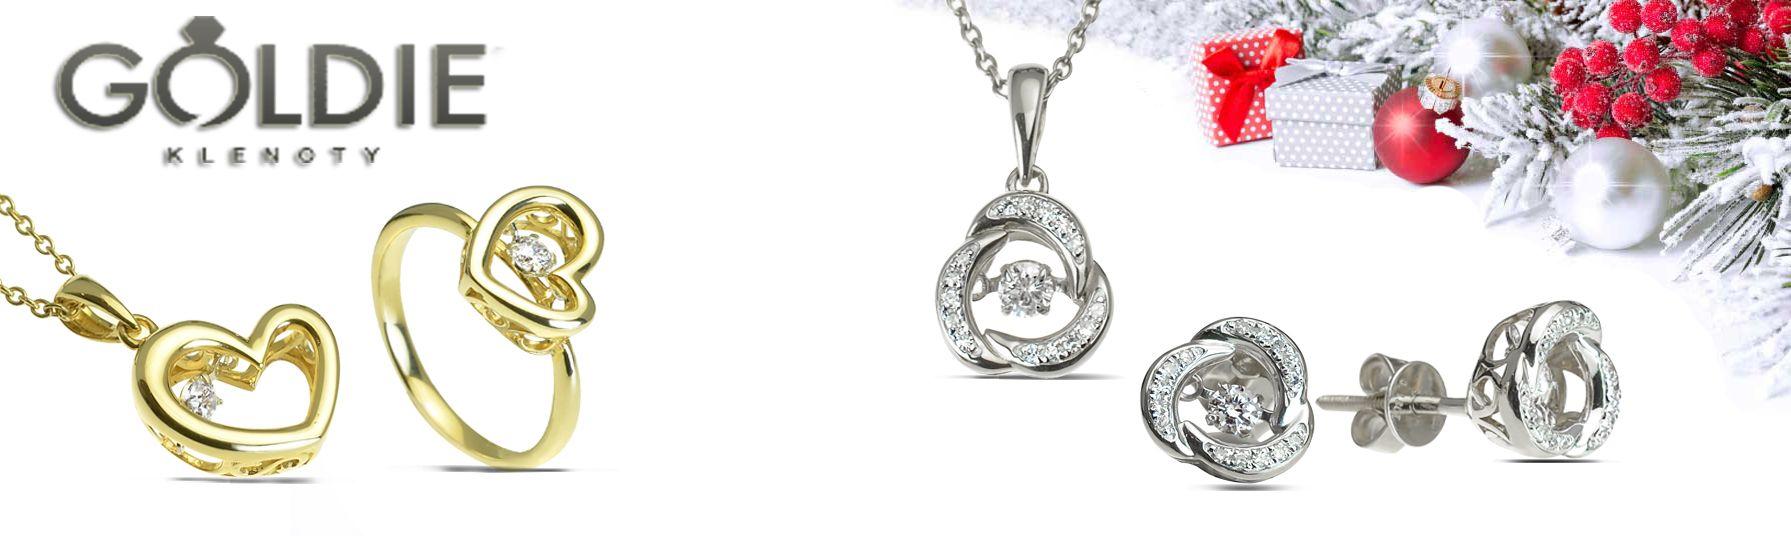 Súprava zlatá s perlou prívesok a náušnice  c40dbe5ffc8